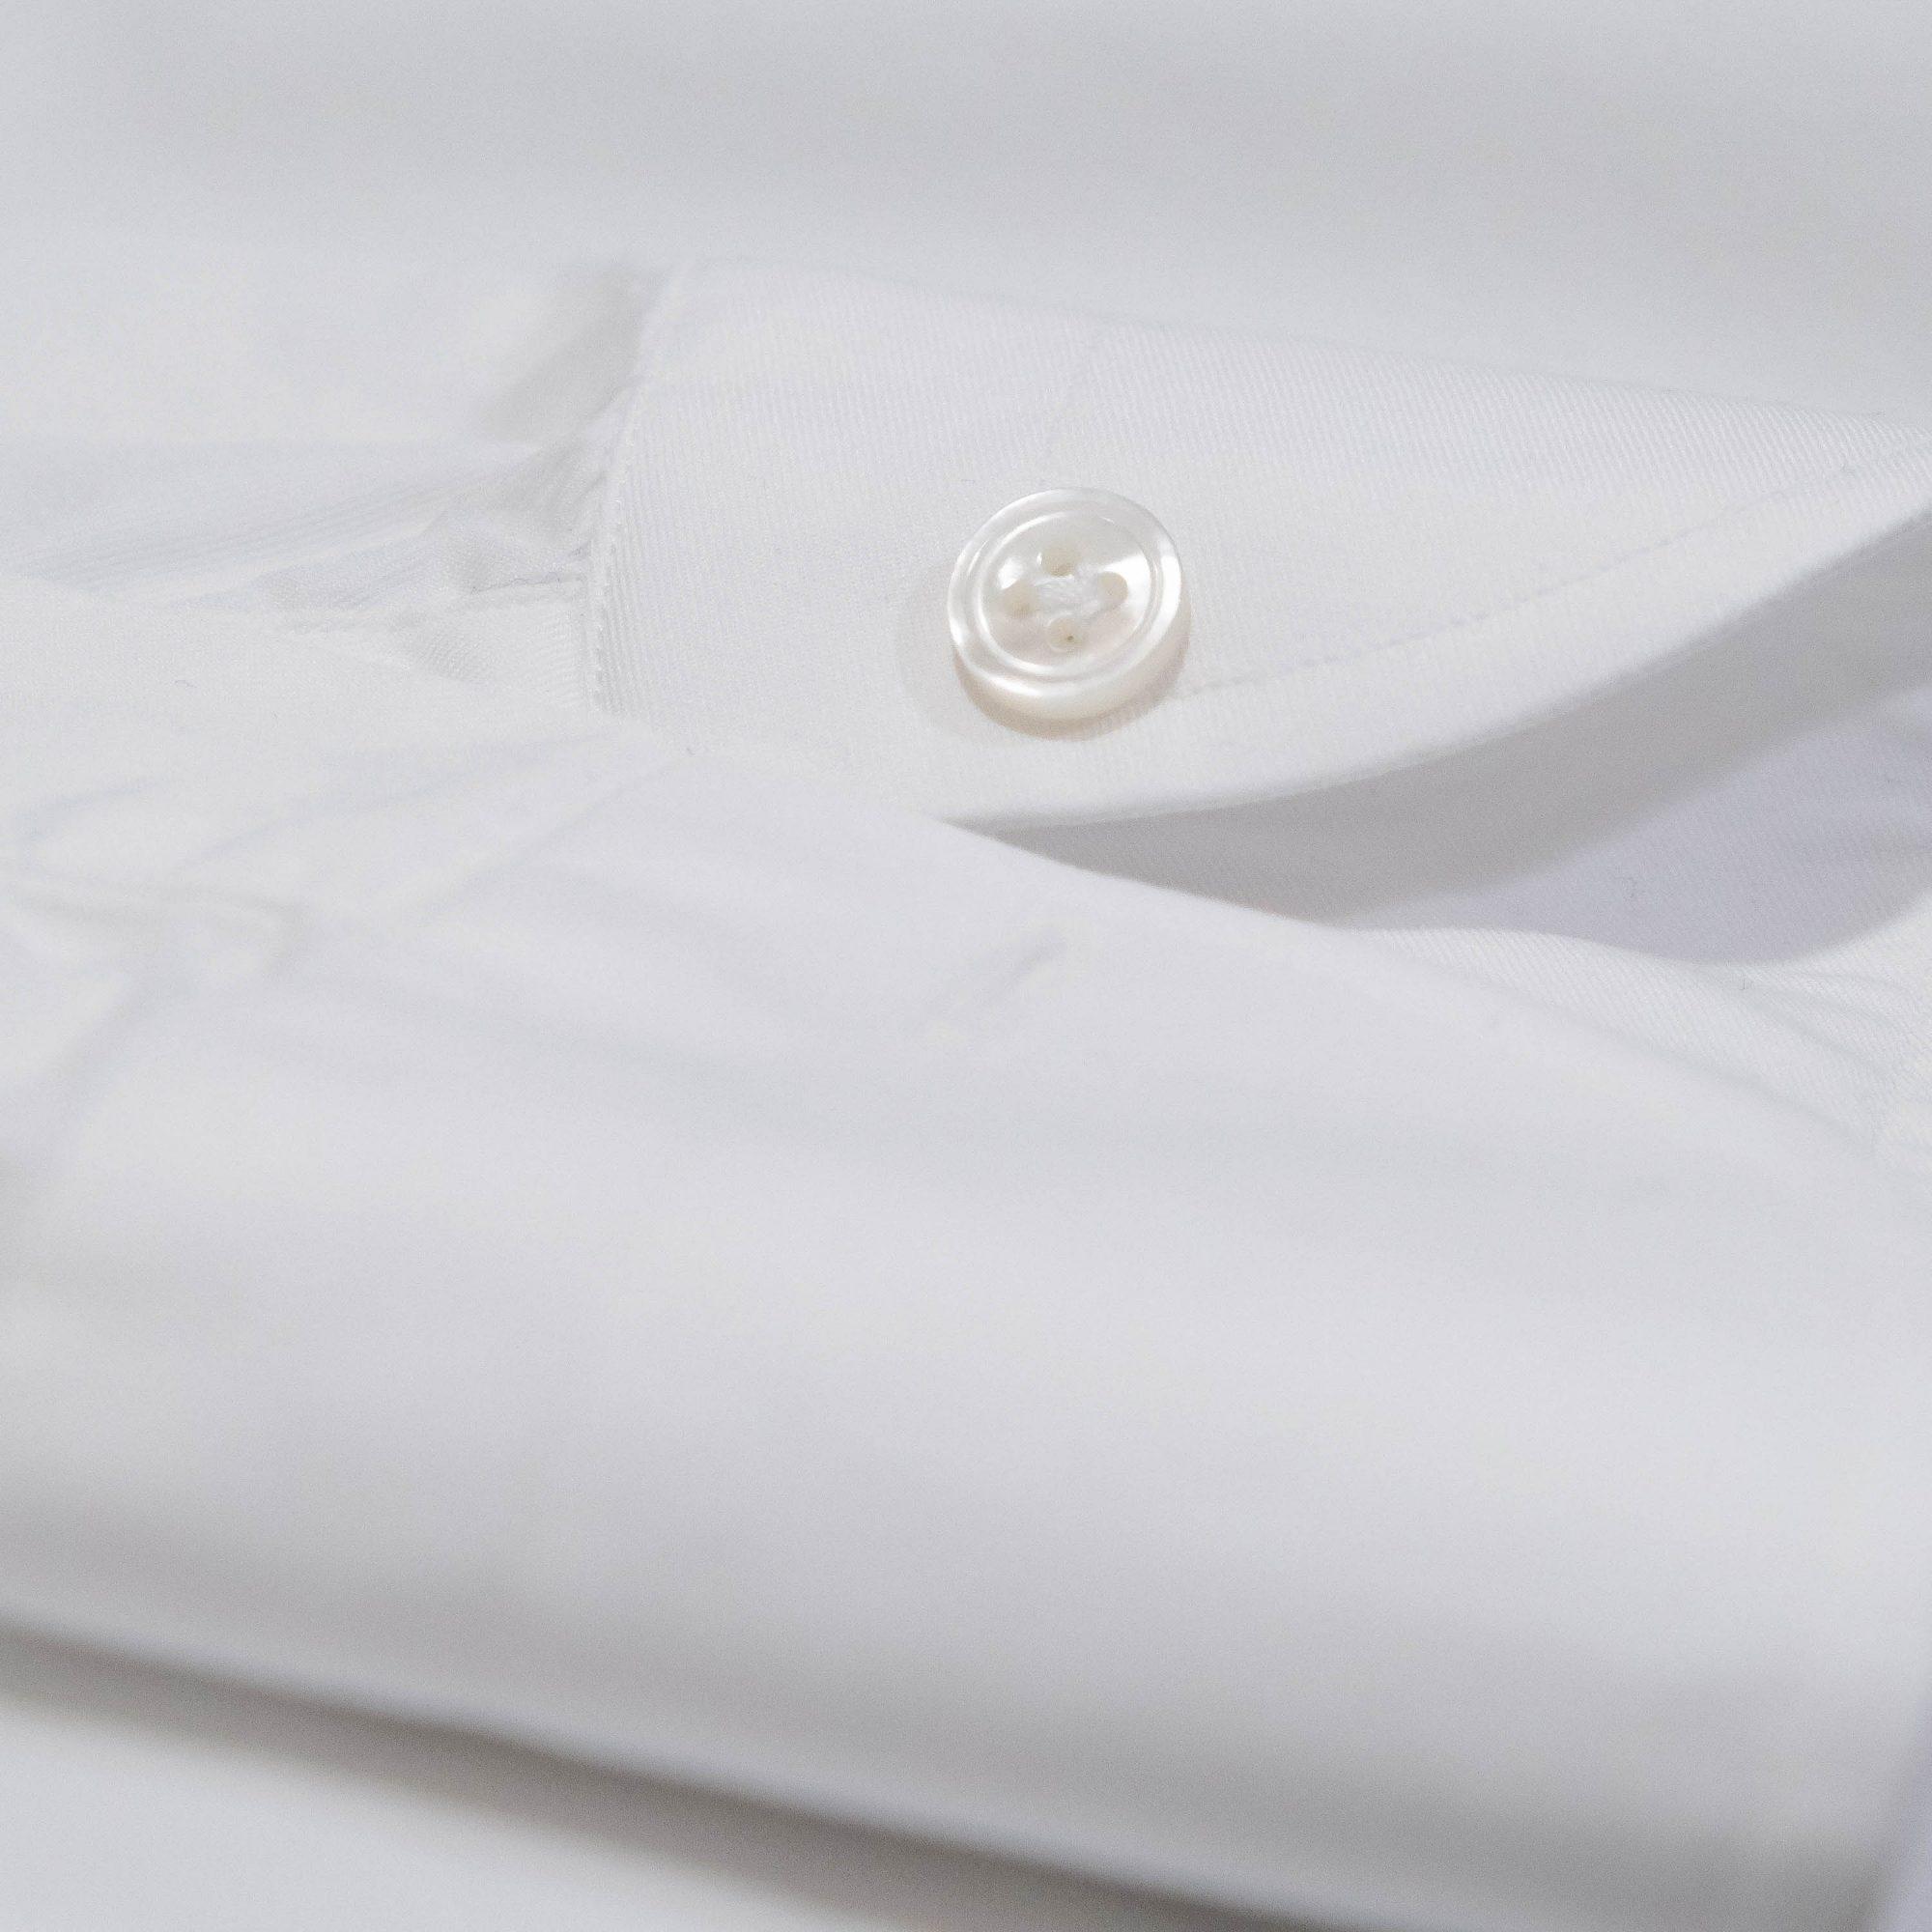 bouton de chemise Avino Laboratorio Napoletano sur mesure